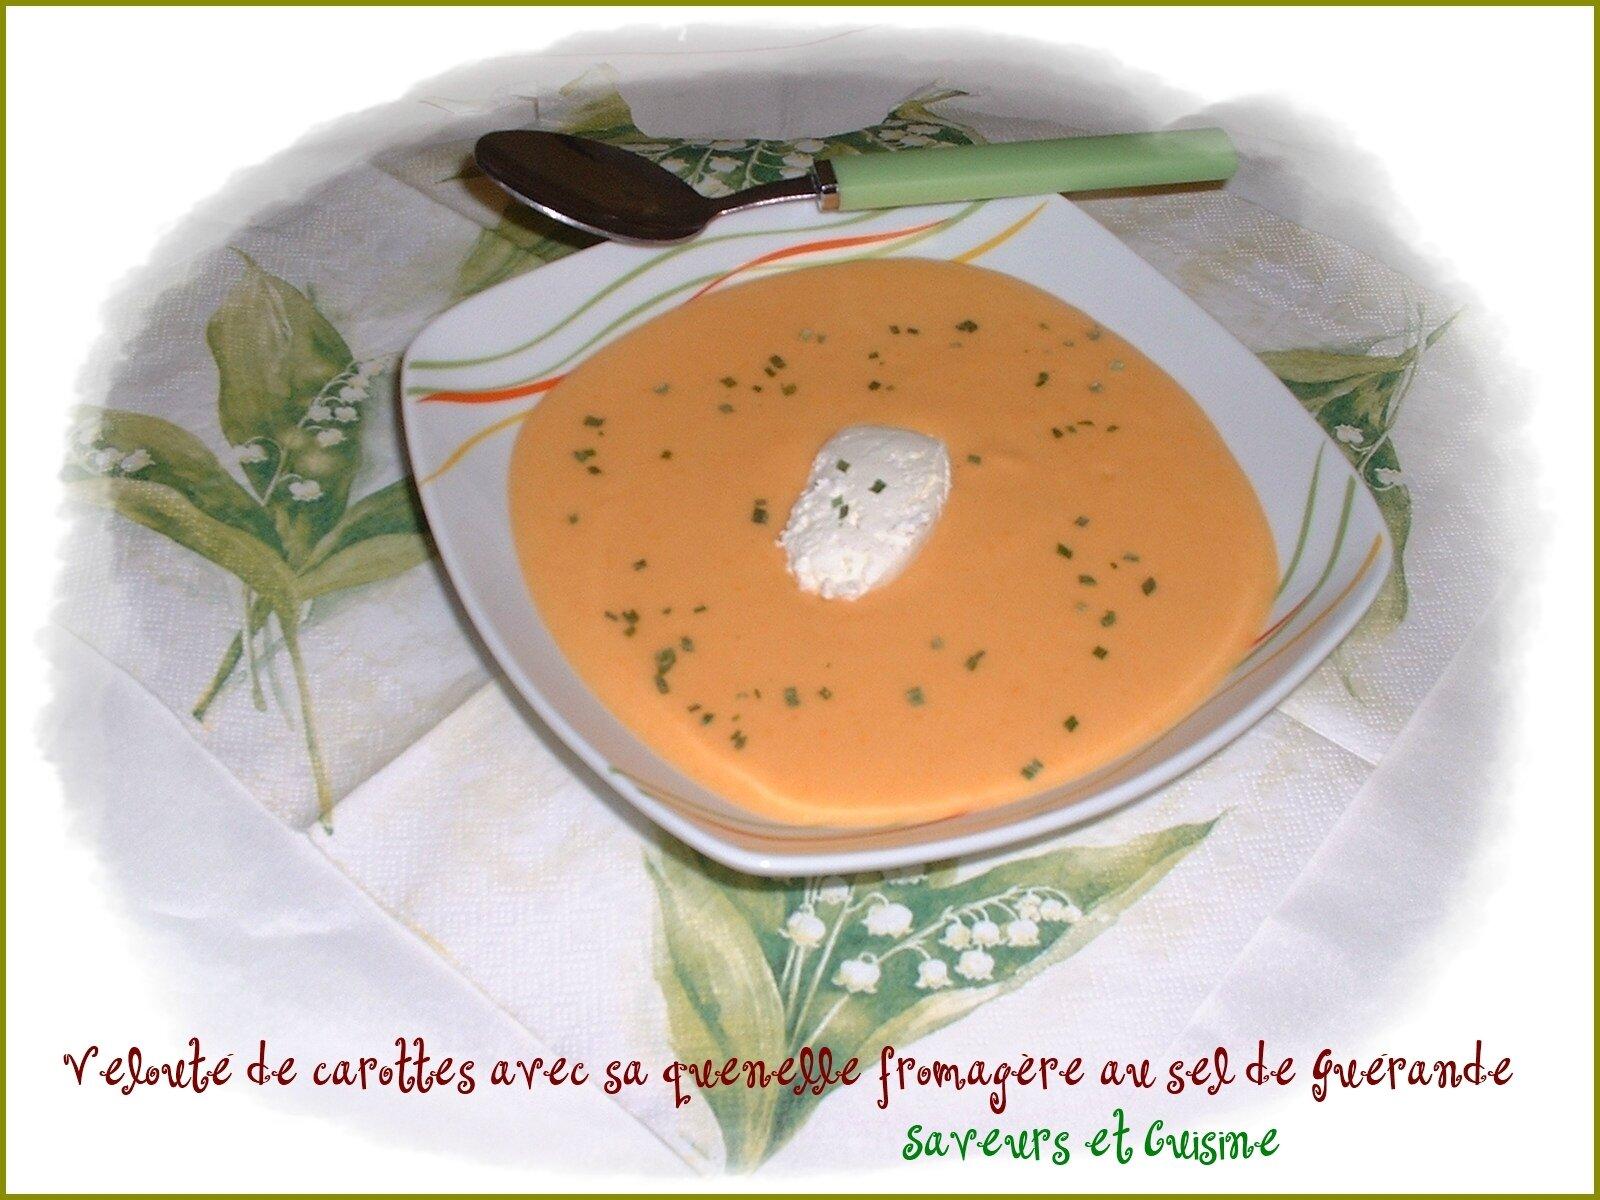 Velouté de carottes et sa quenelle fromagère au sel de Guérande